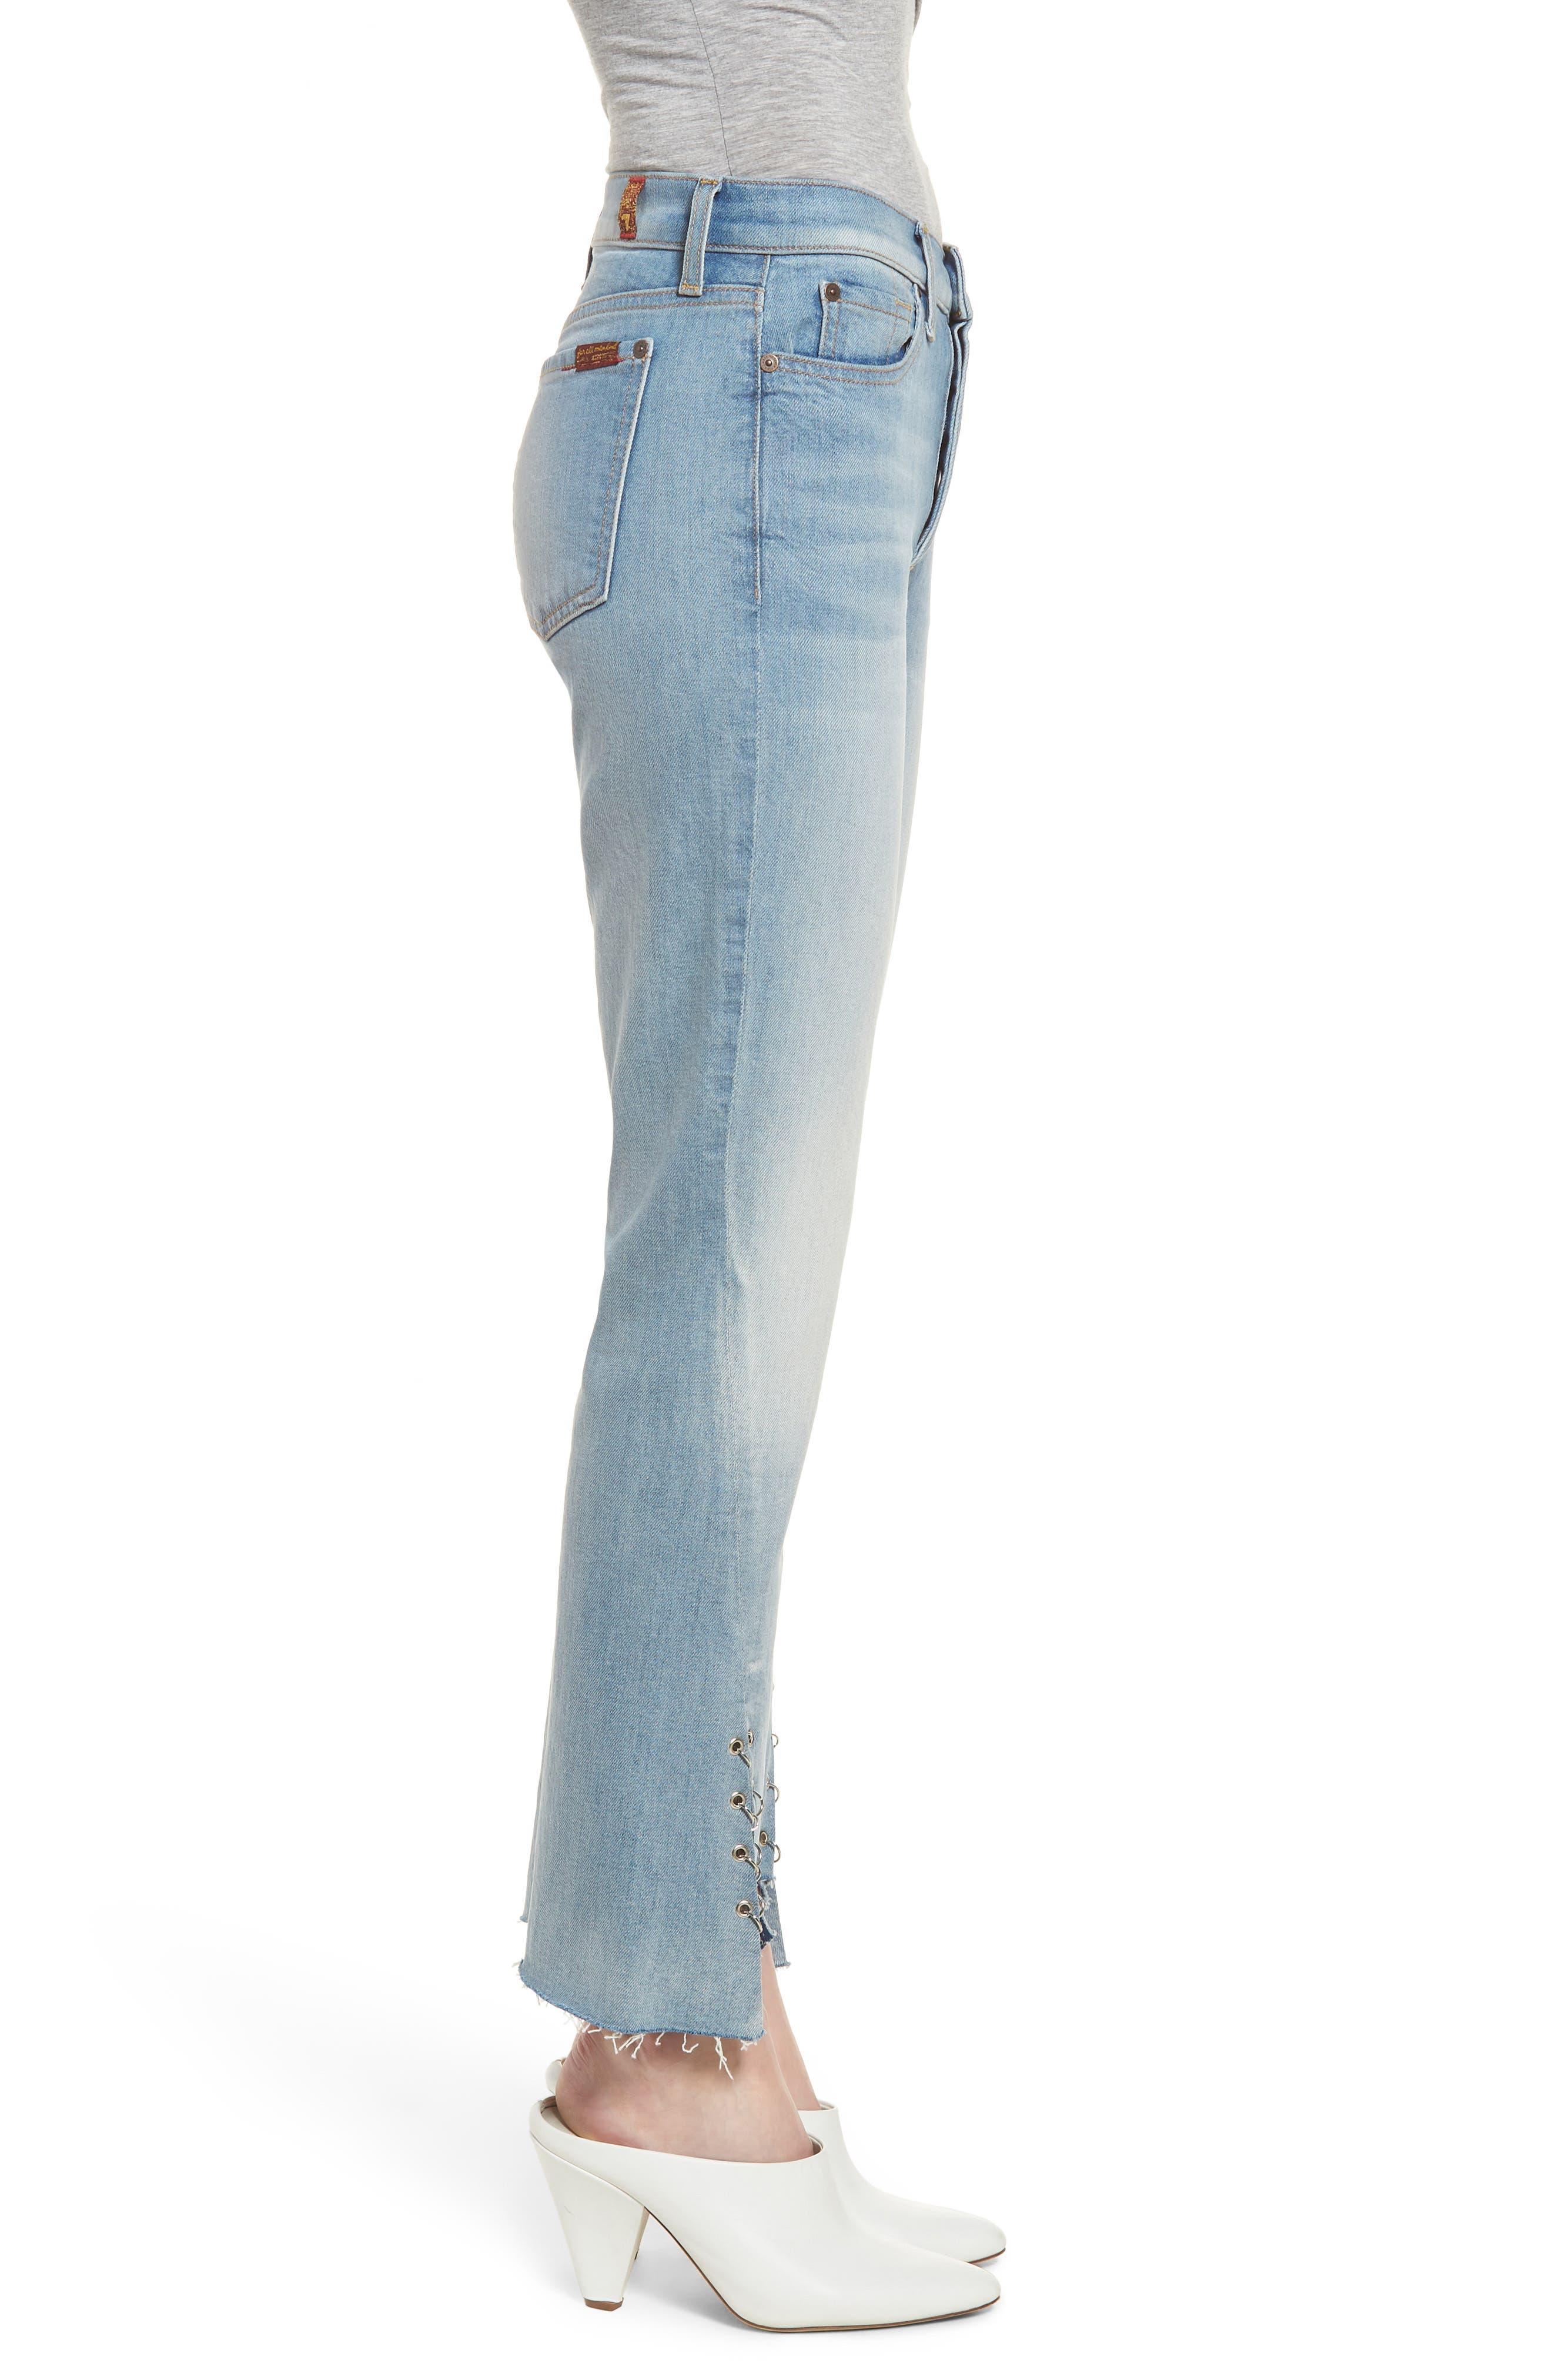 Edie Grommet & Rings Seam Crop Jeans,                             Alternate thumbnail 3, color,                             400